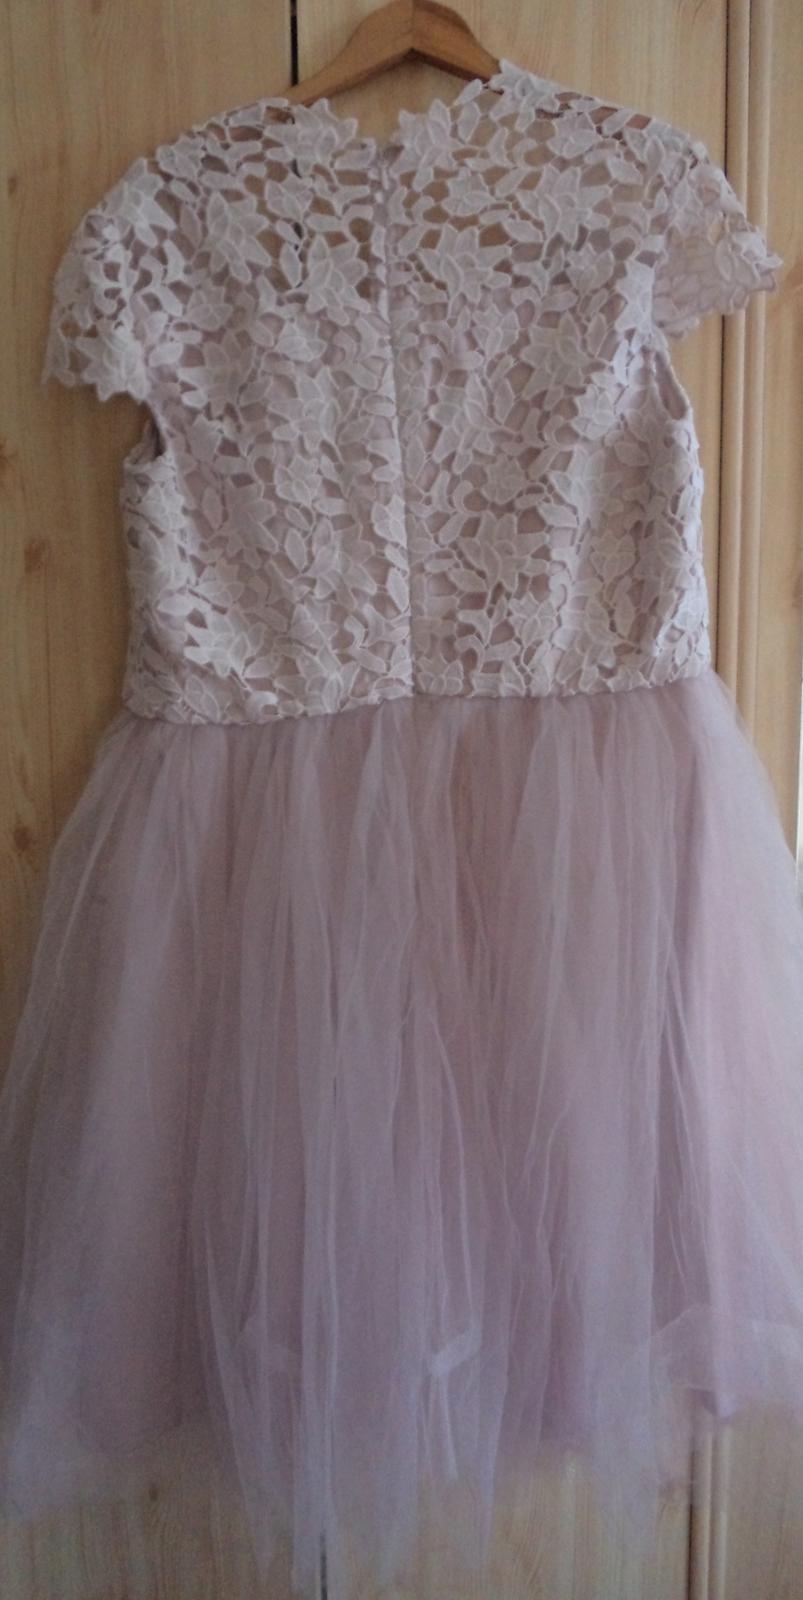 čipkovane šaty  - Obrázok č. 4